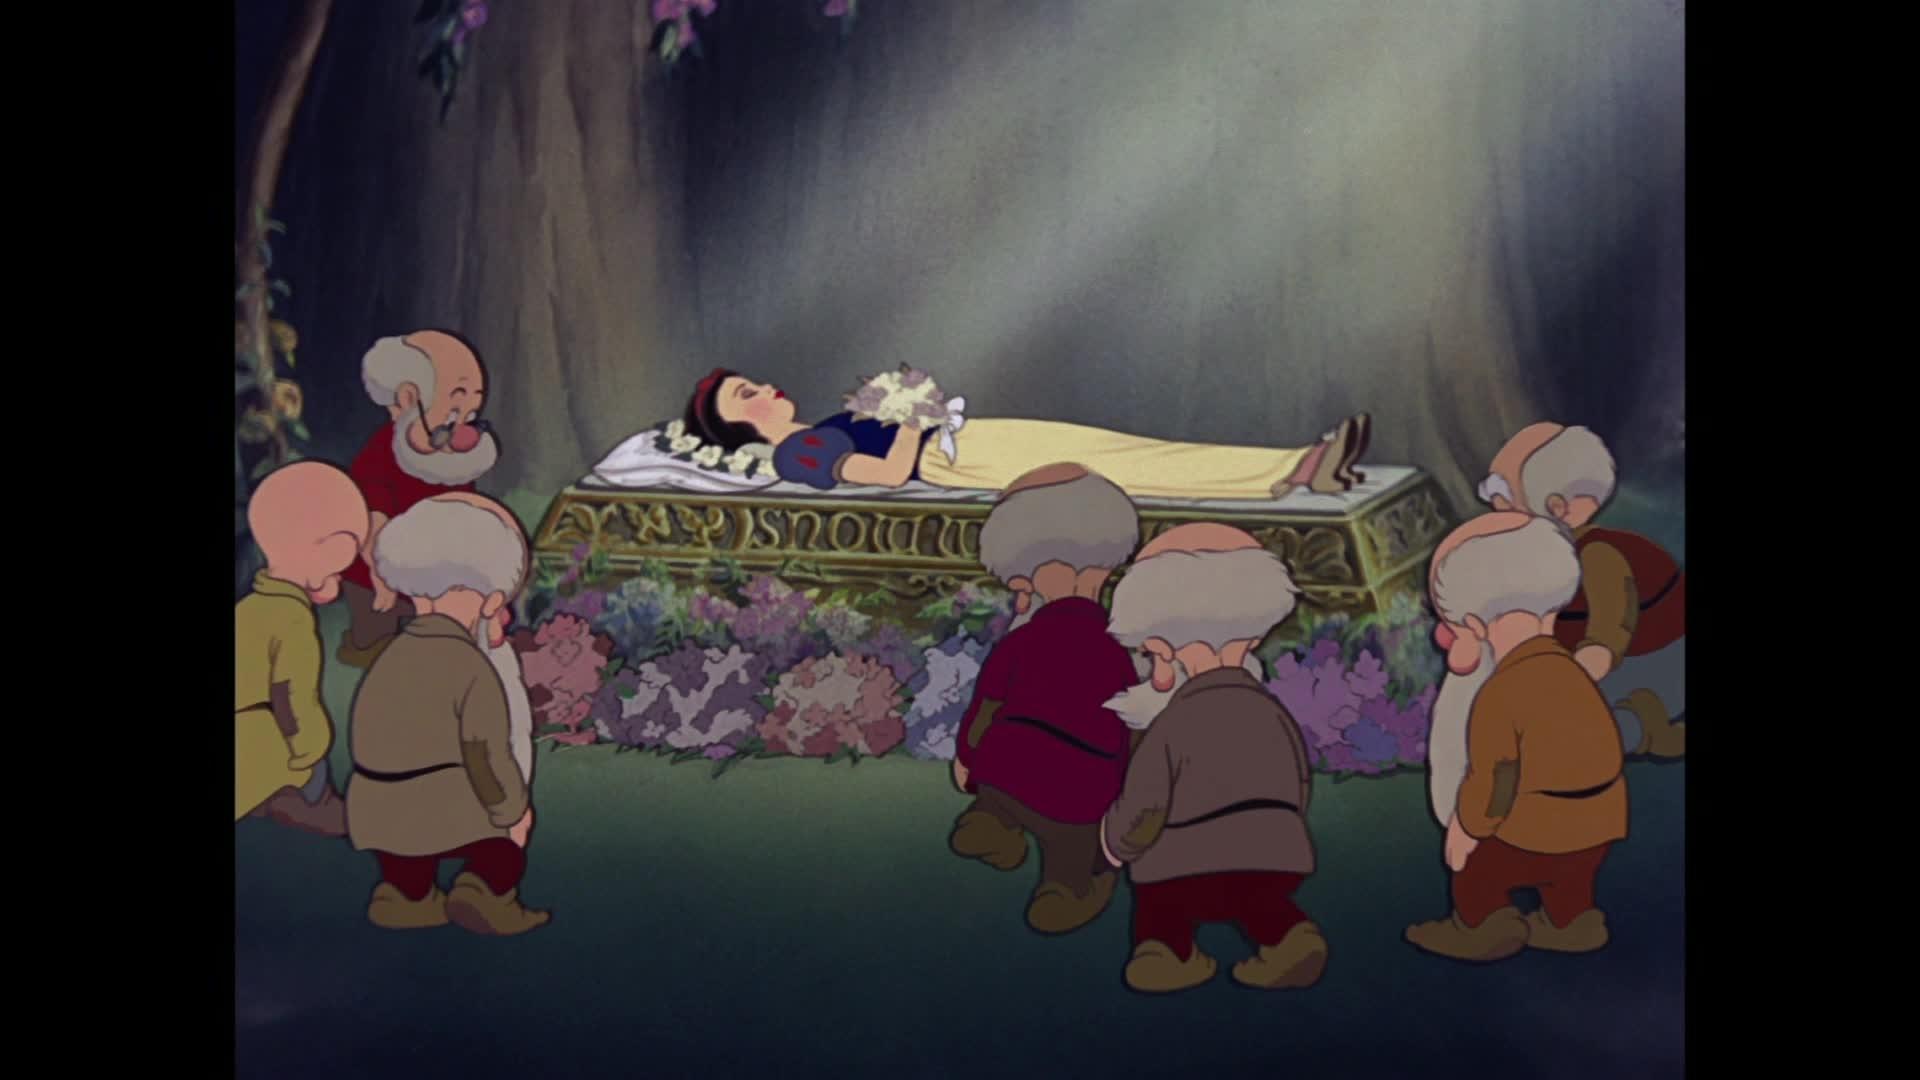 Blanche Neige et les Sept Nains - Je souhaite